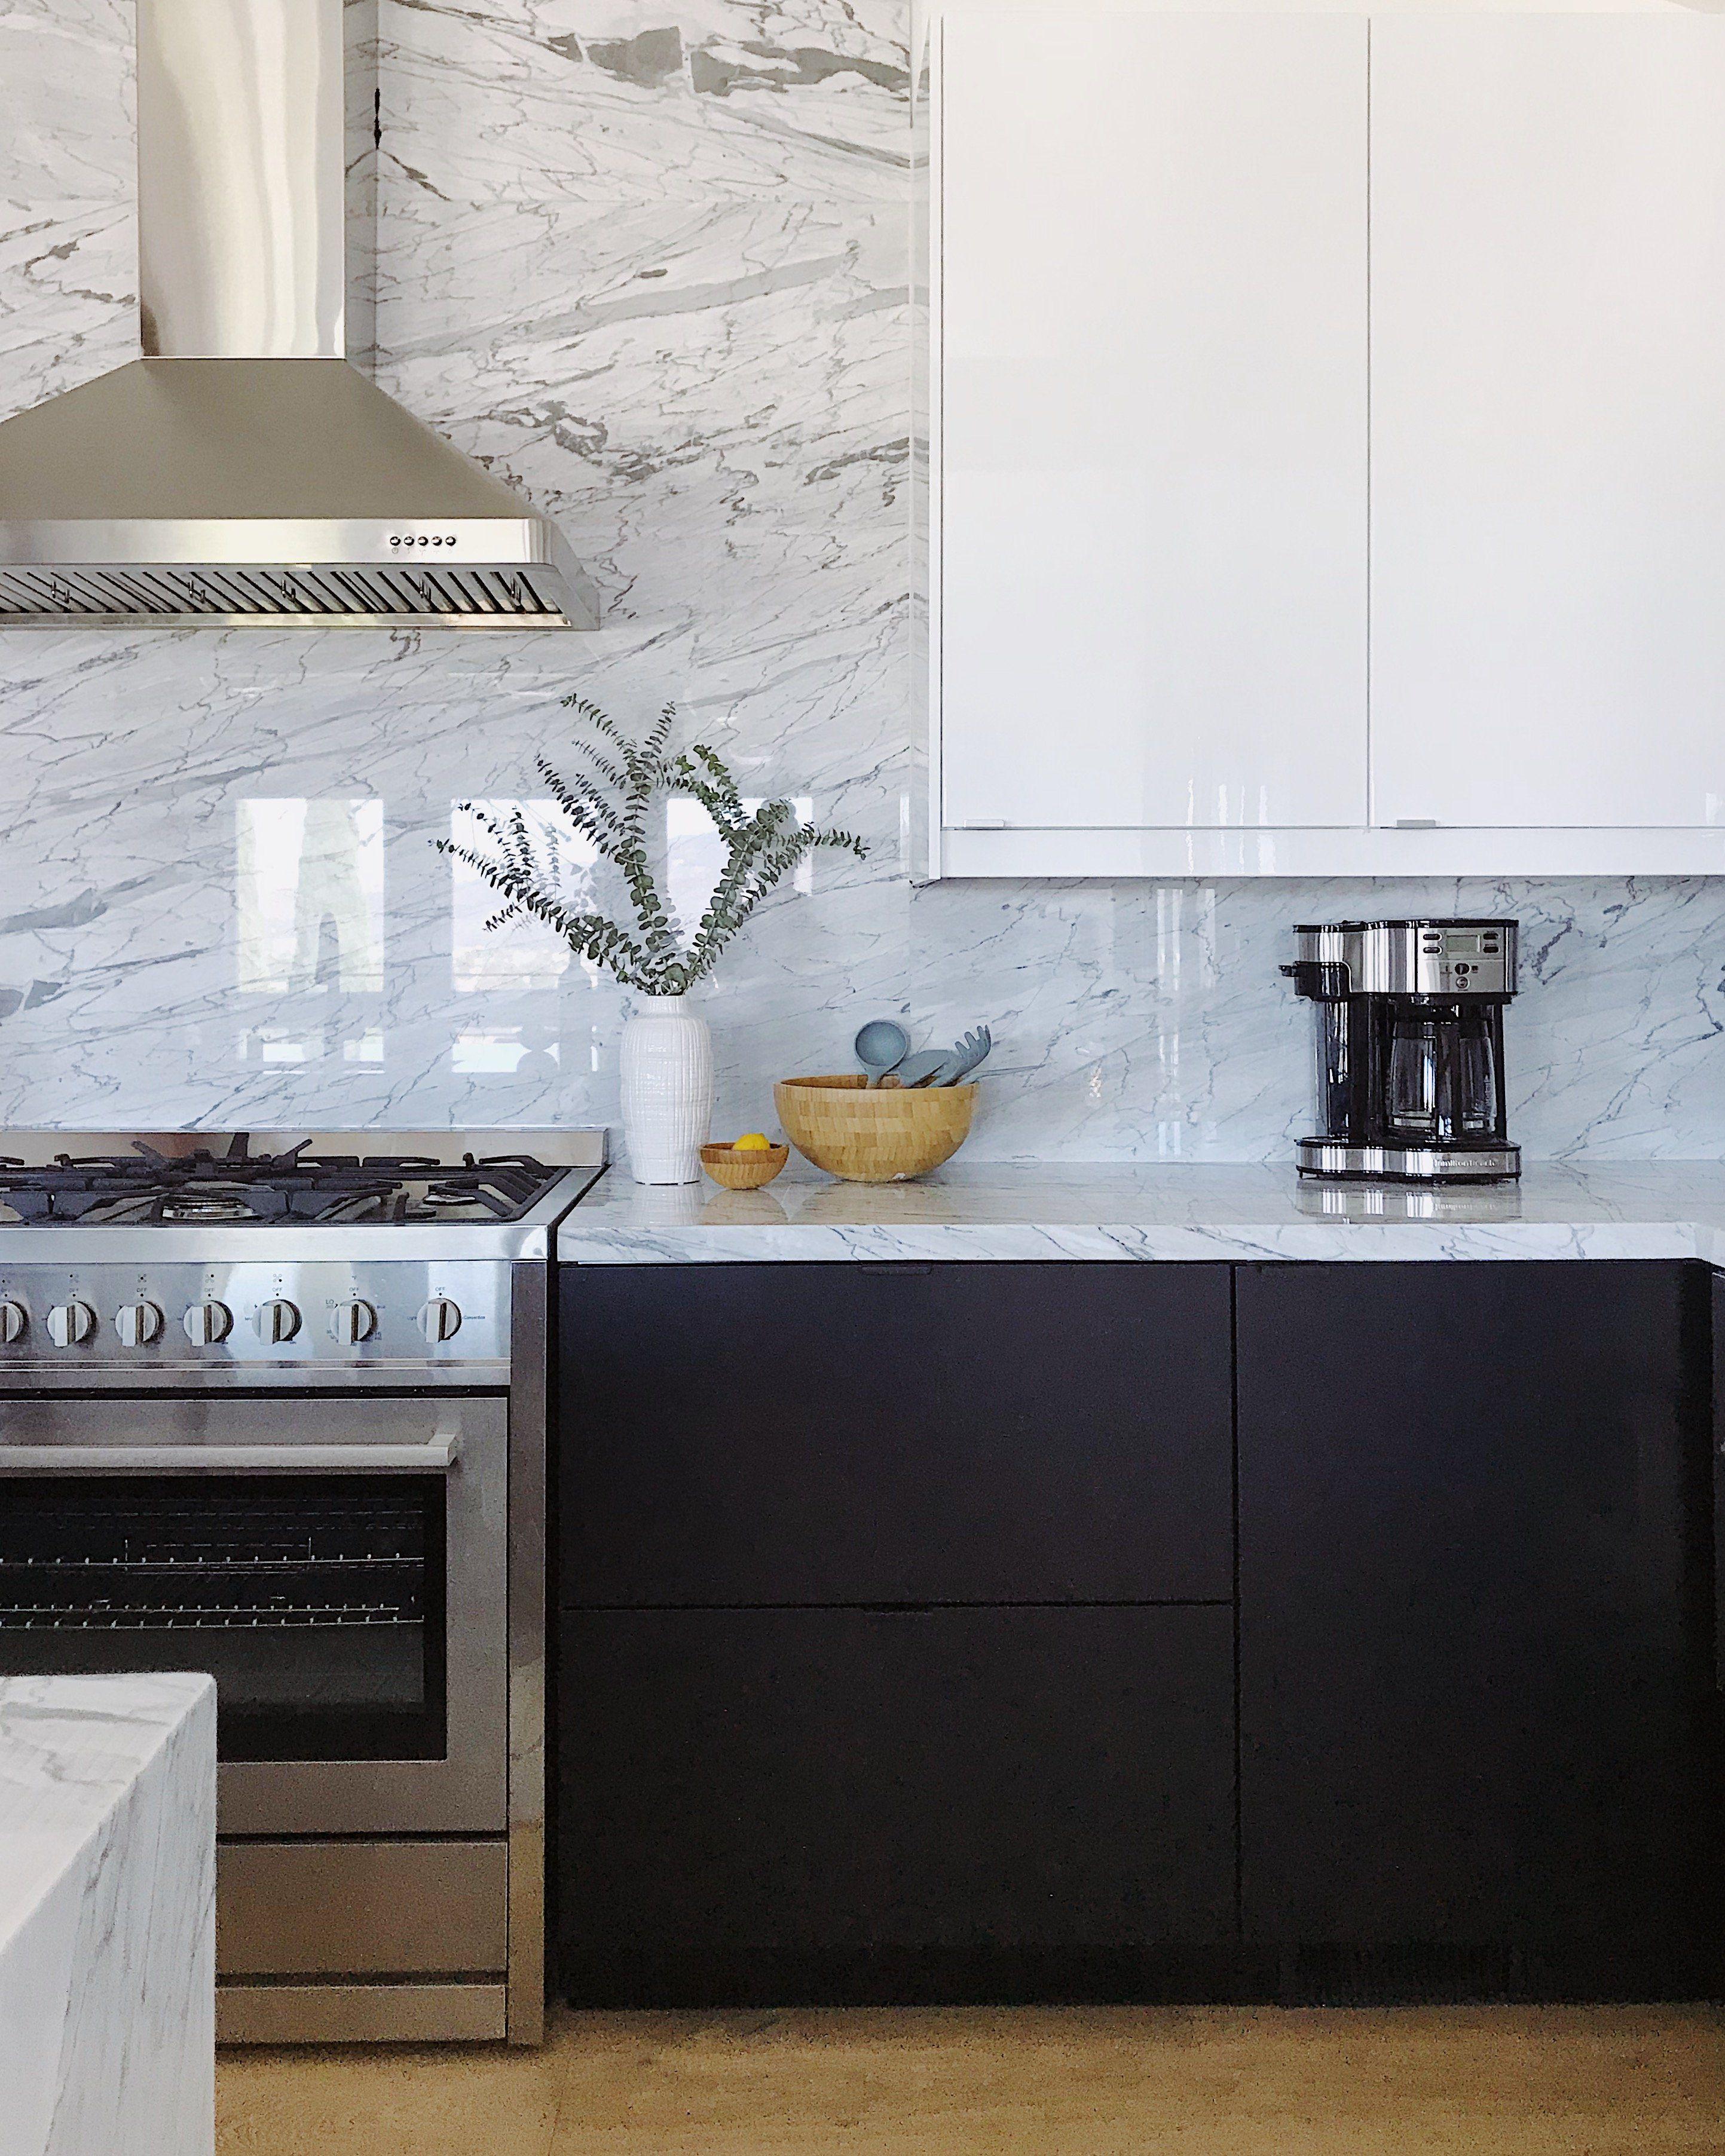 Amazing Black And White Kitchen With Marble Backsplash Grey